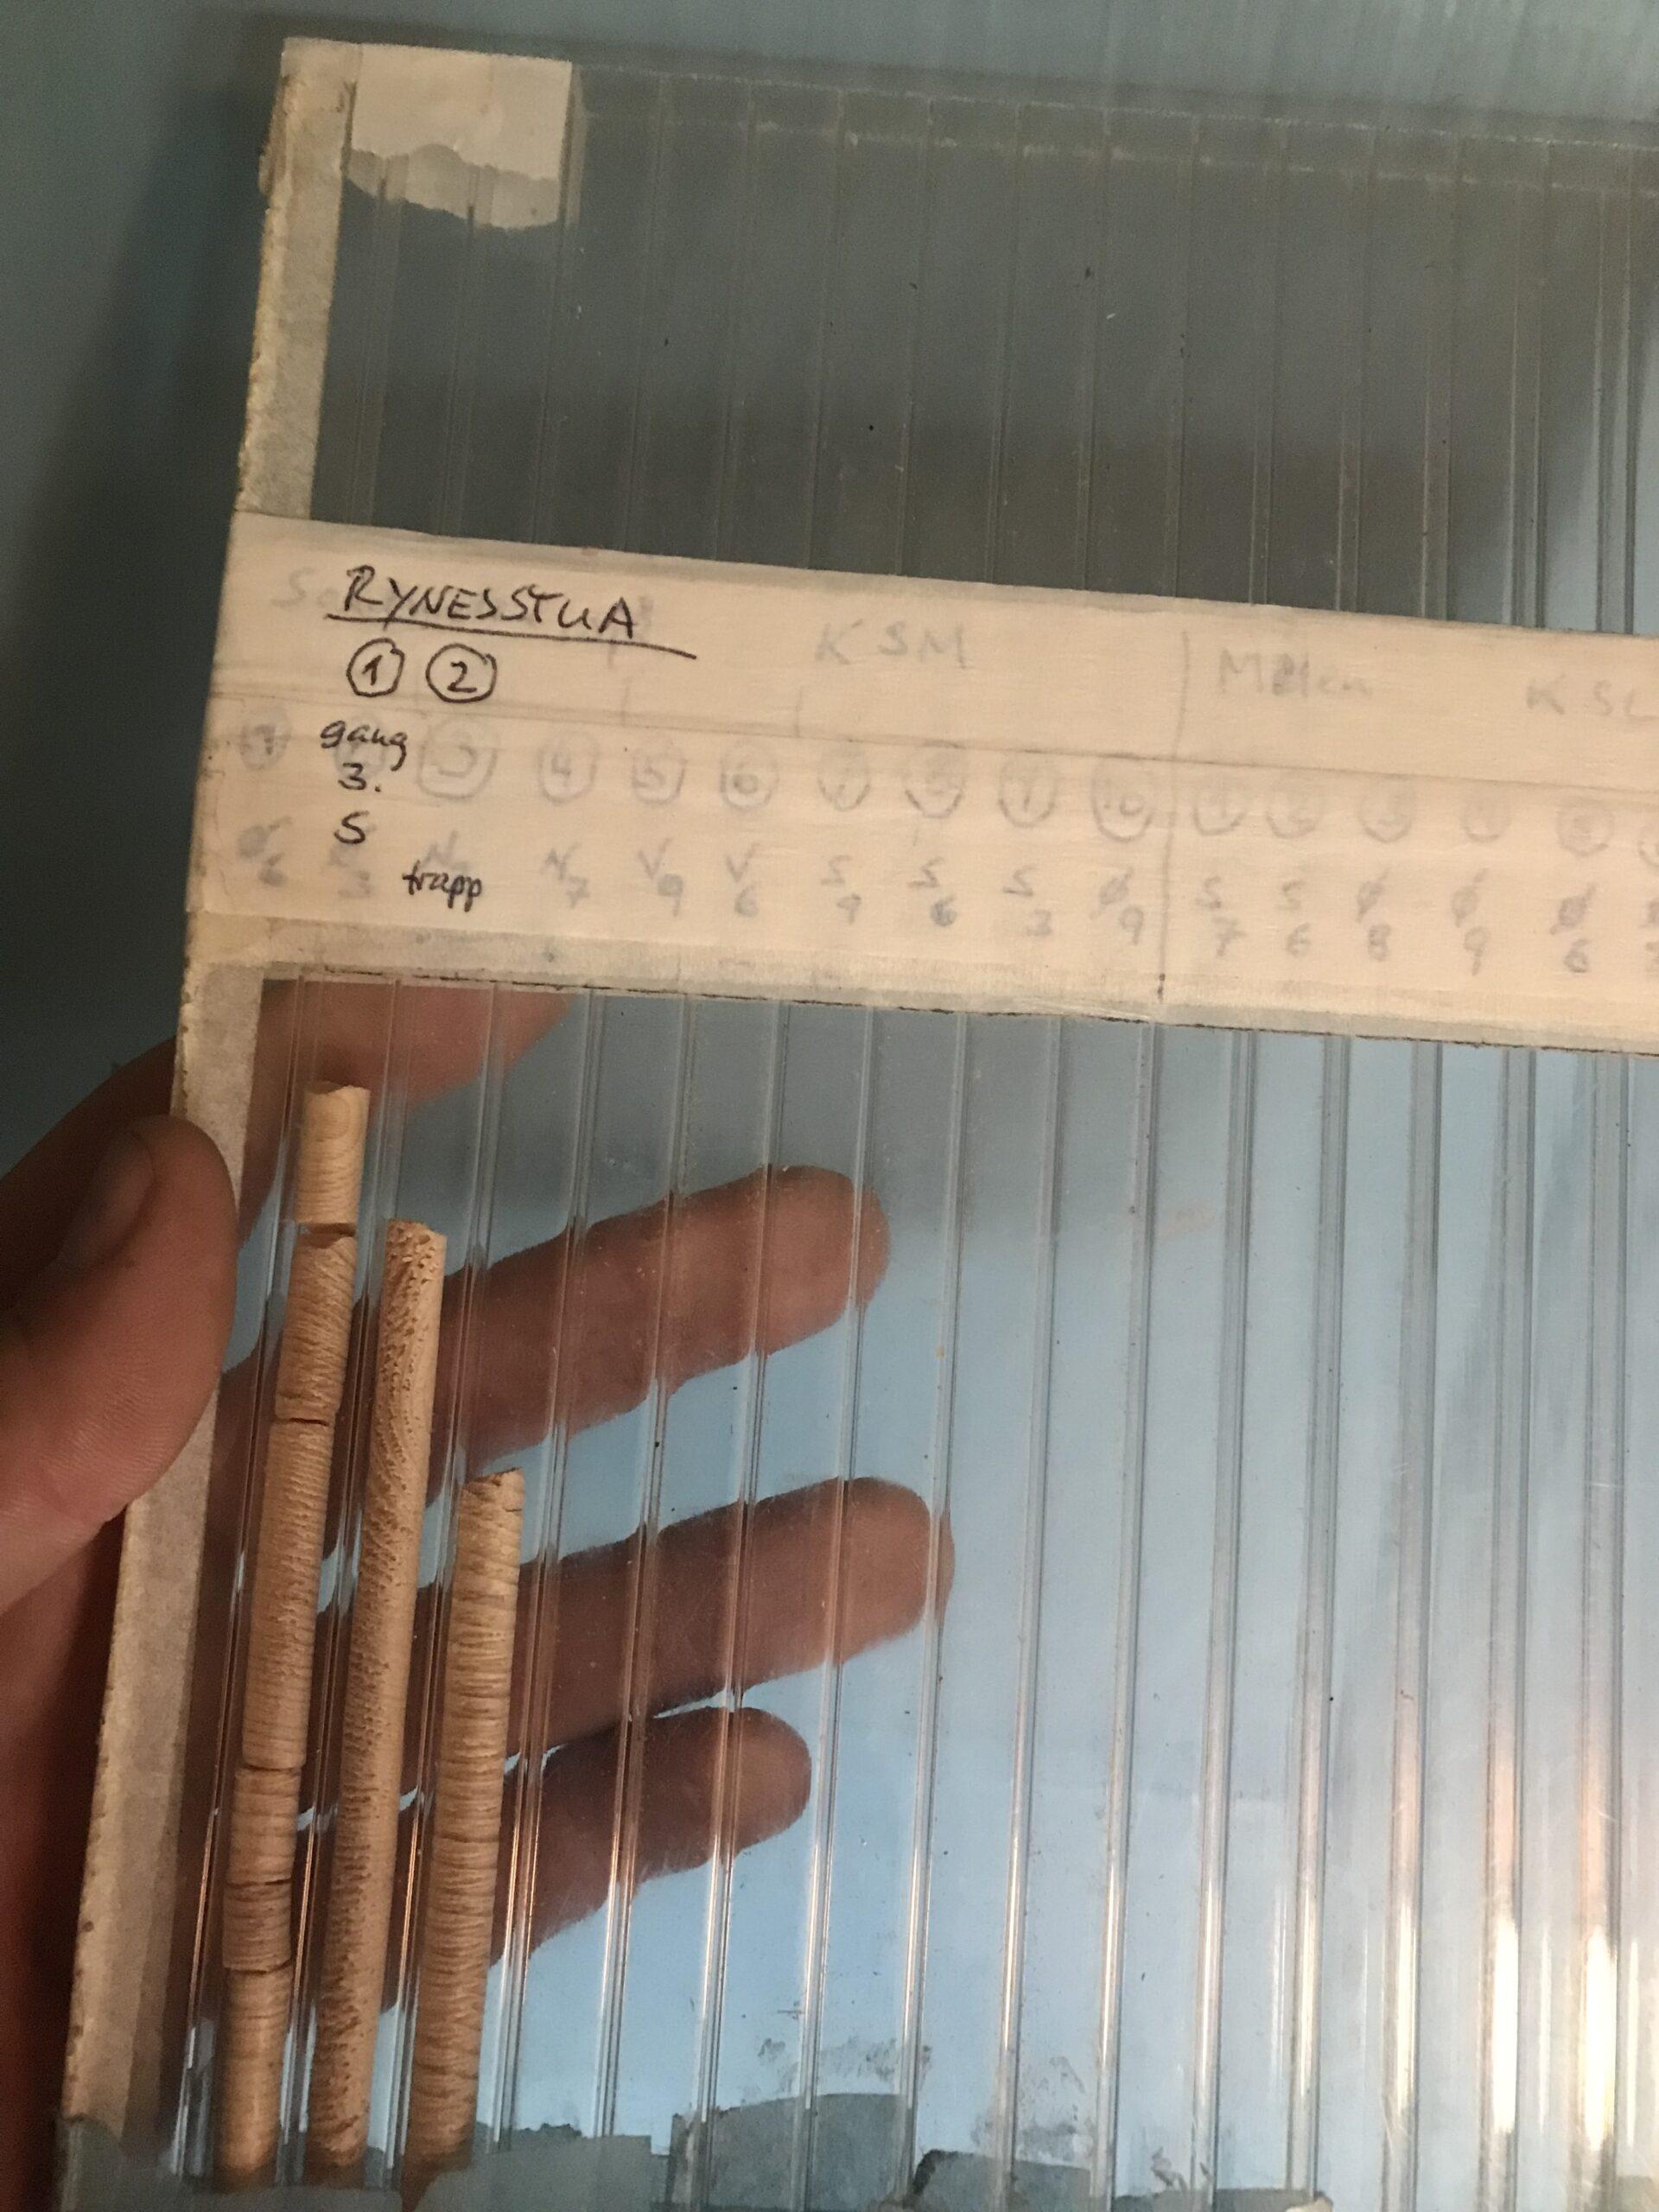 Boreprøver fra tømmer merket